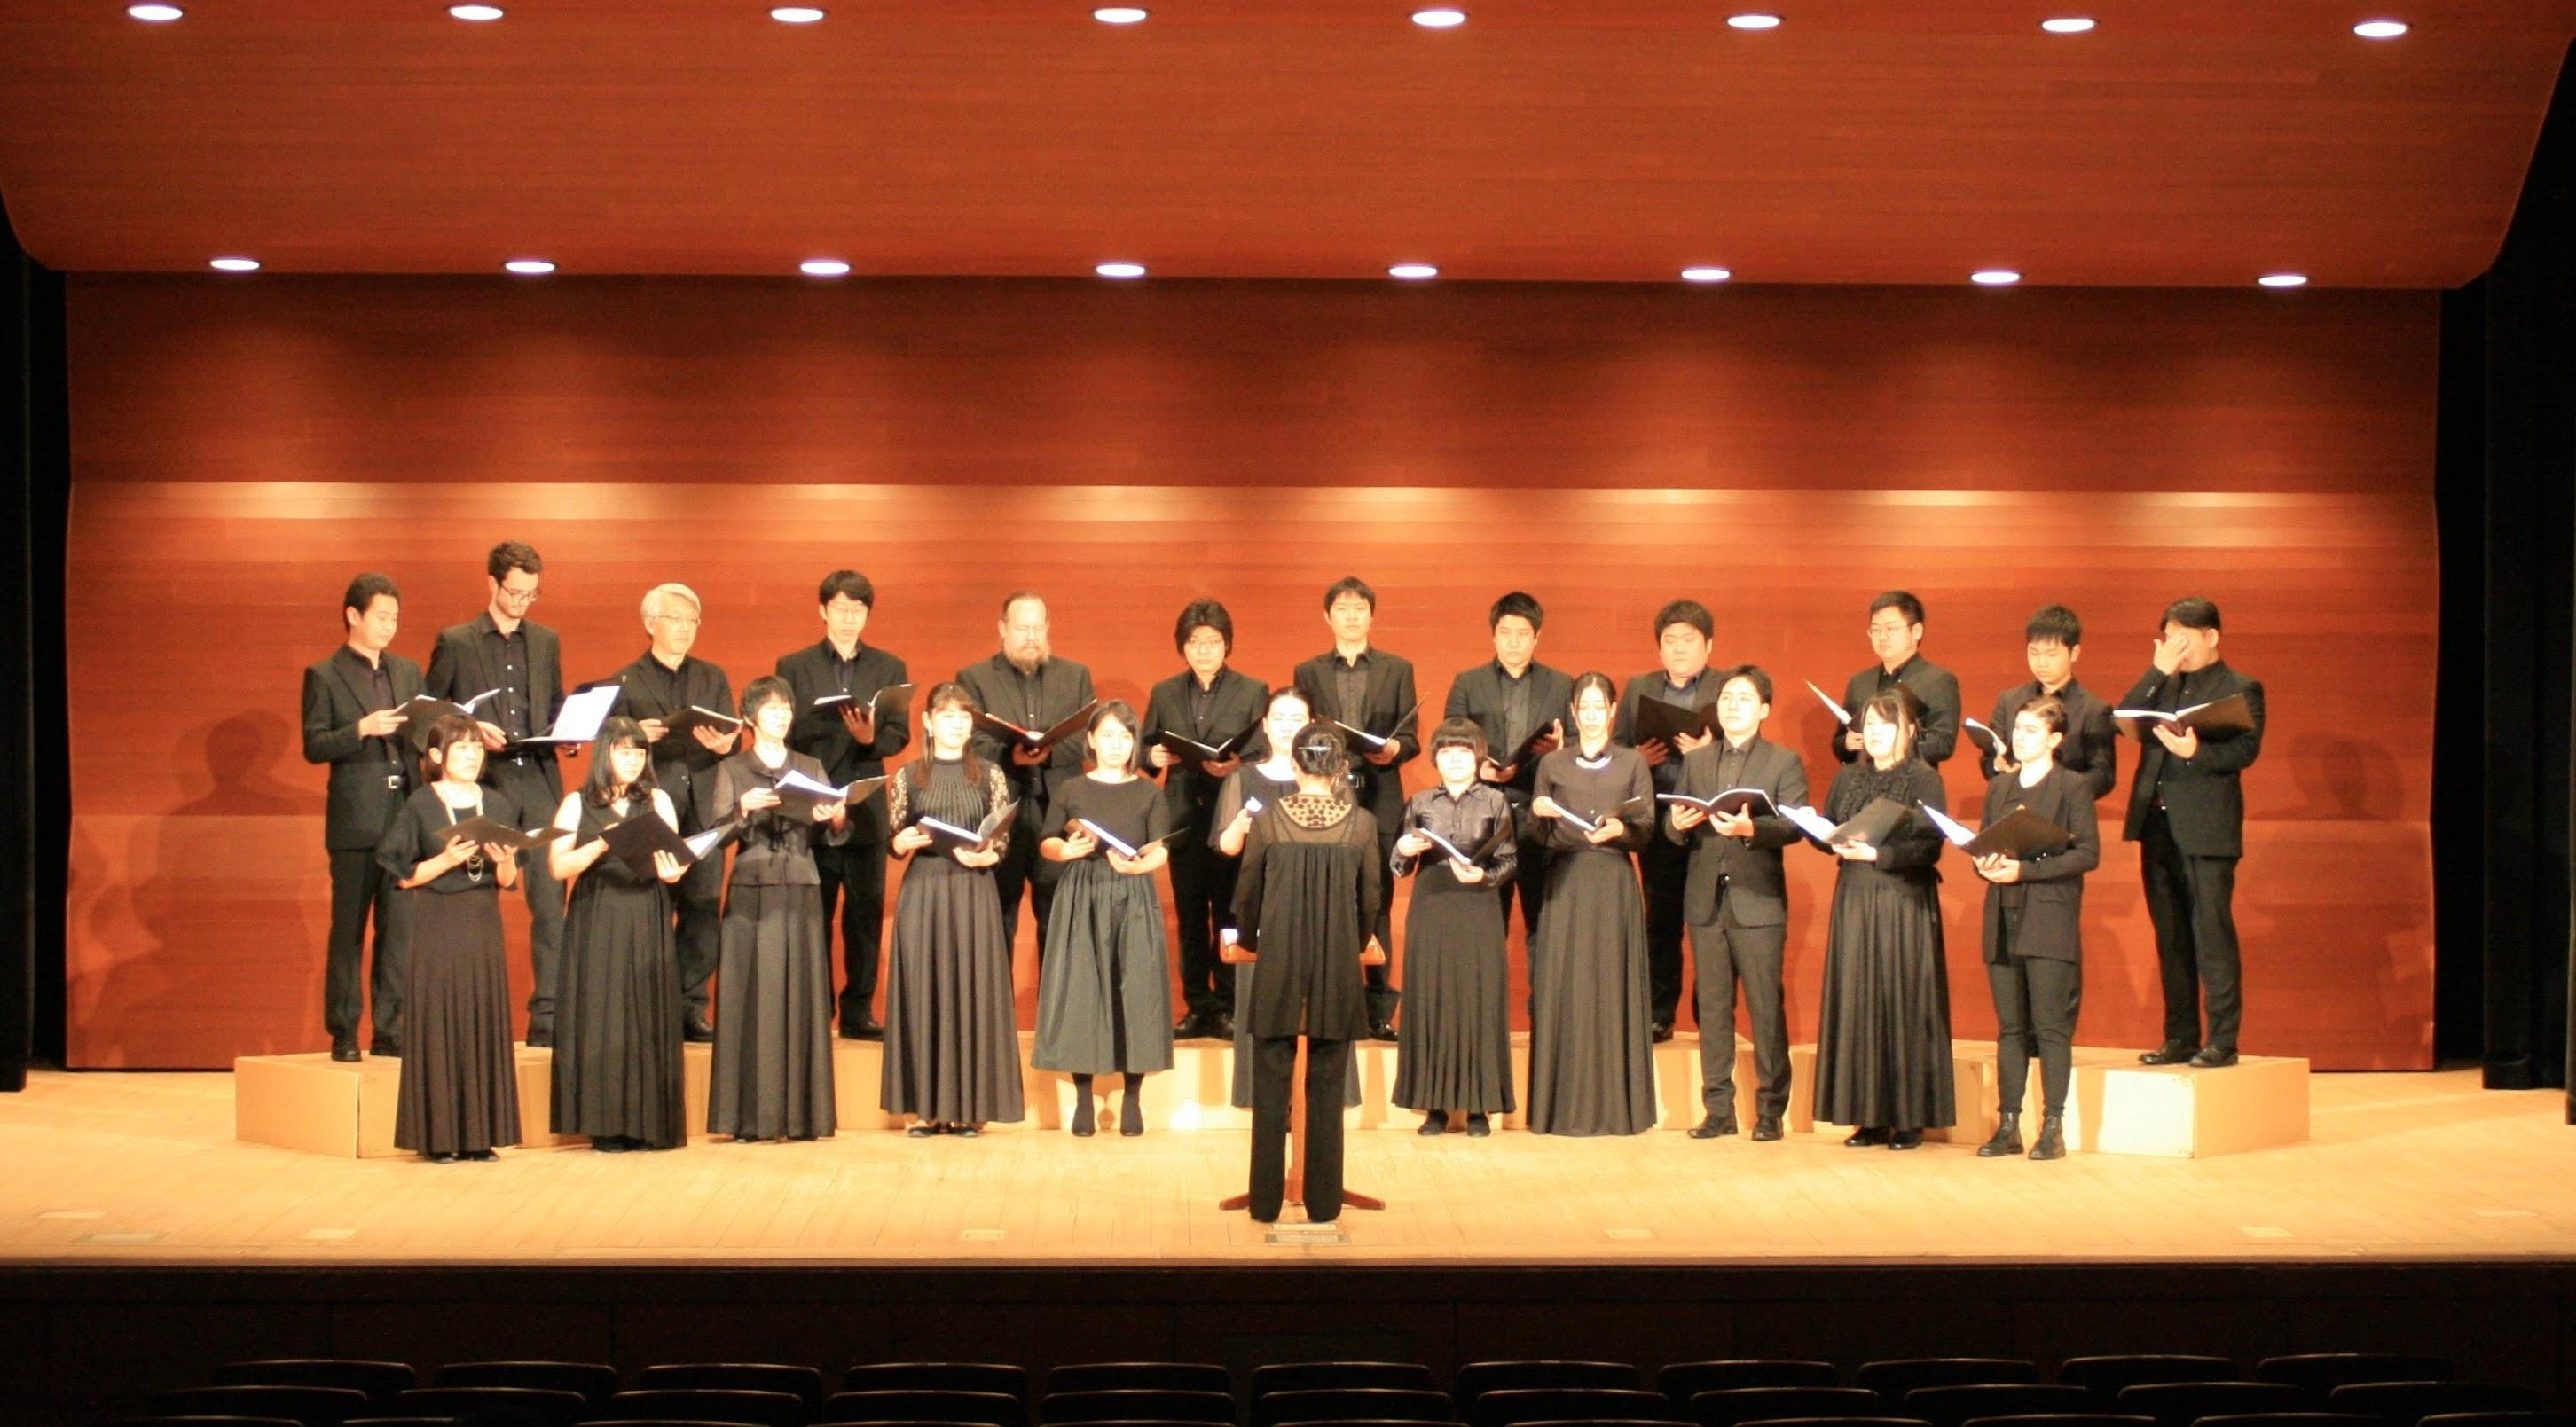 知られざる合唱芸術の世界 -20世紀ヨーロッパを巡って-の画像